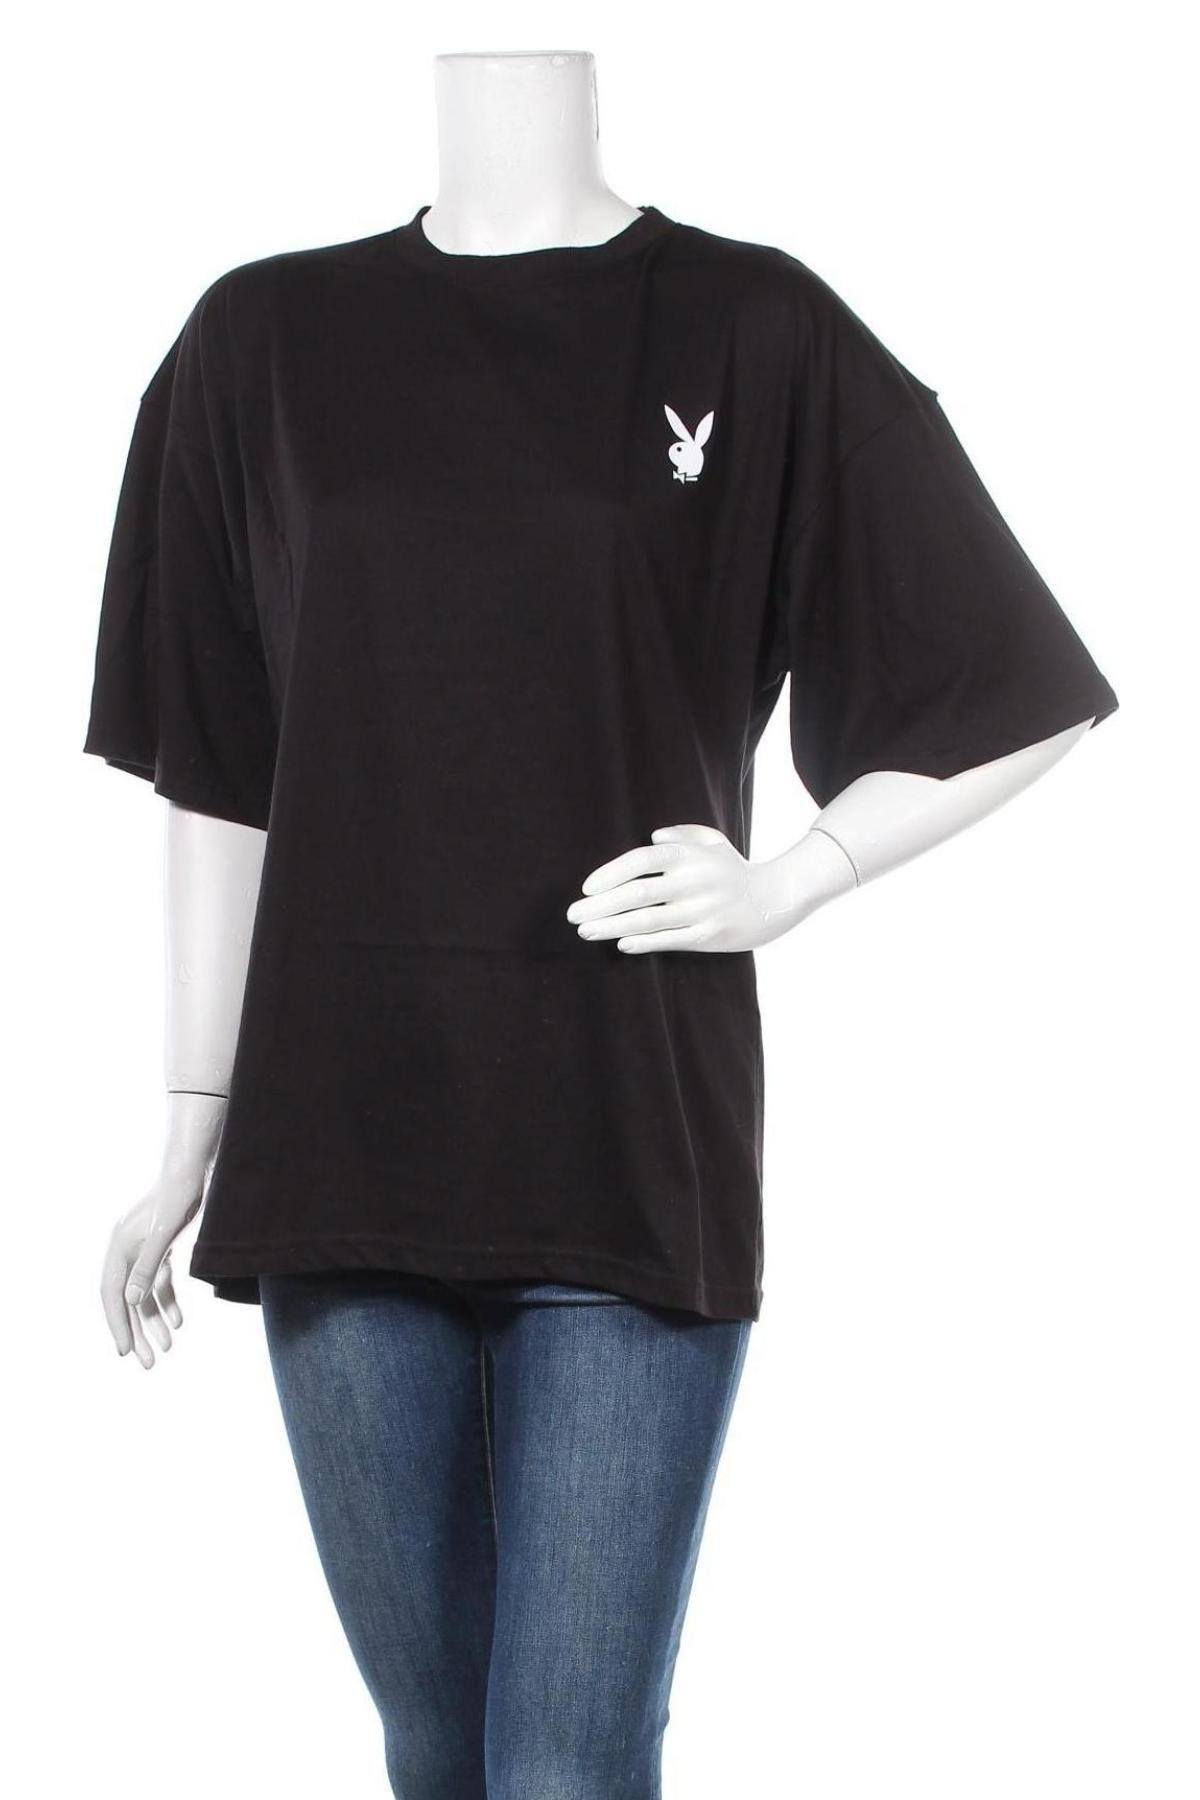 Τουνίκ Playboy x Missguided, Μέγεθος XS, Χρώμα Μαύρο, Τιμή 9,05€